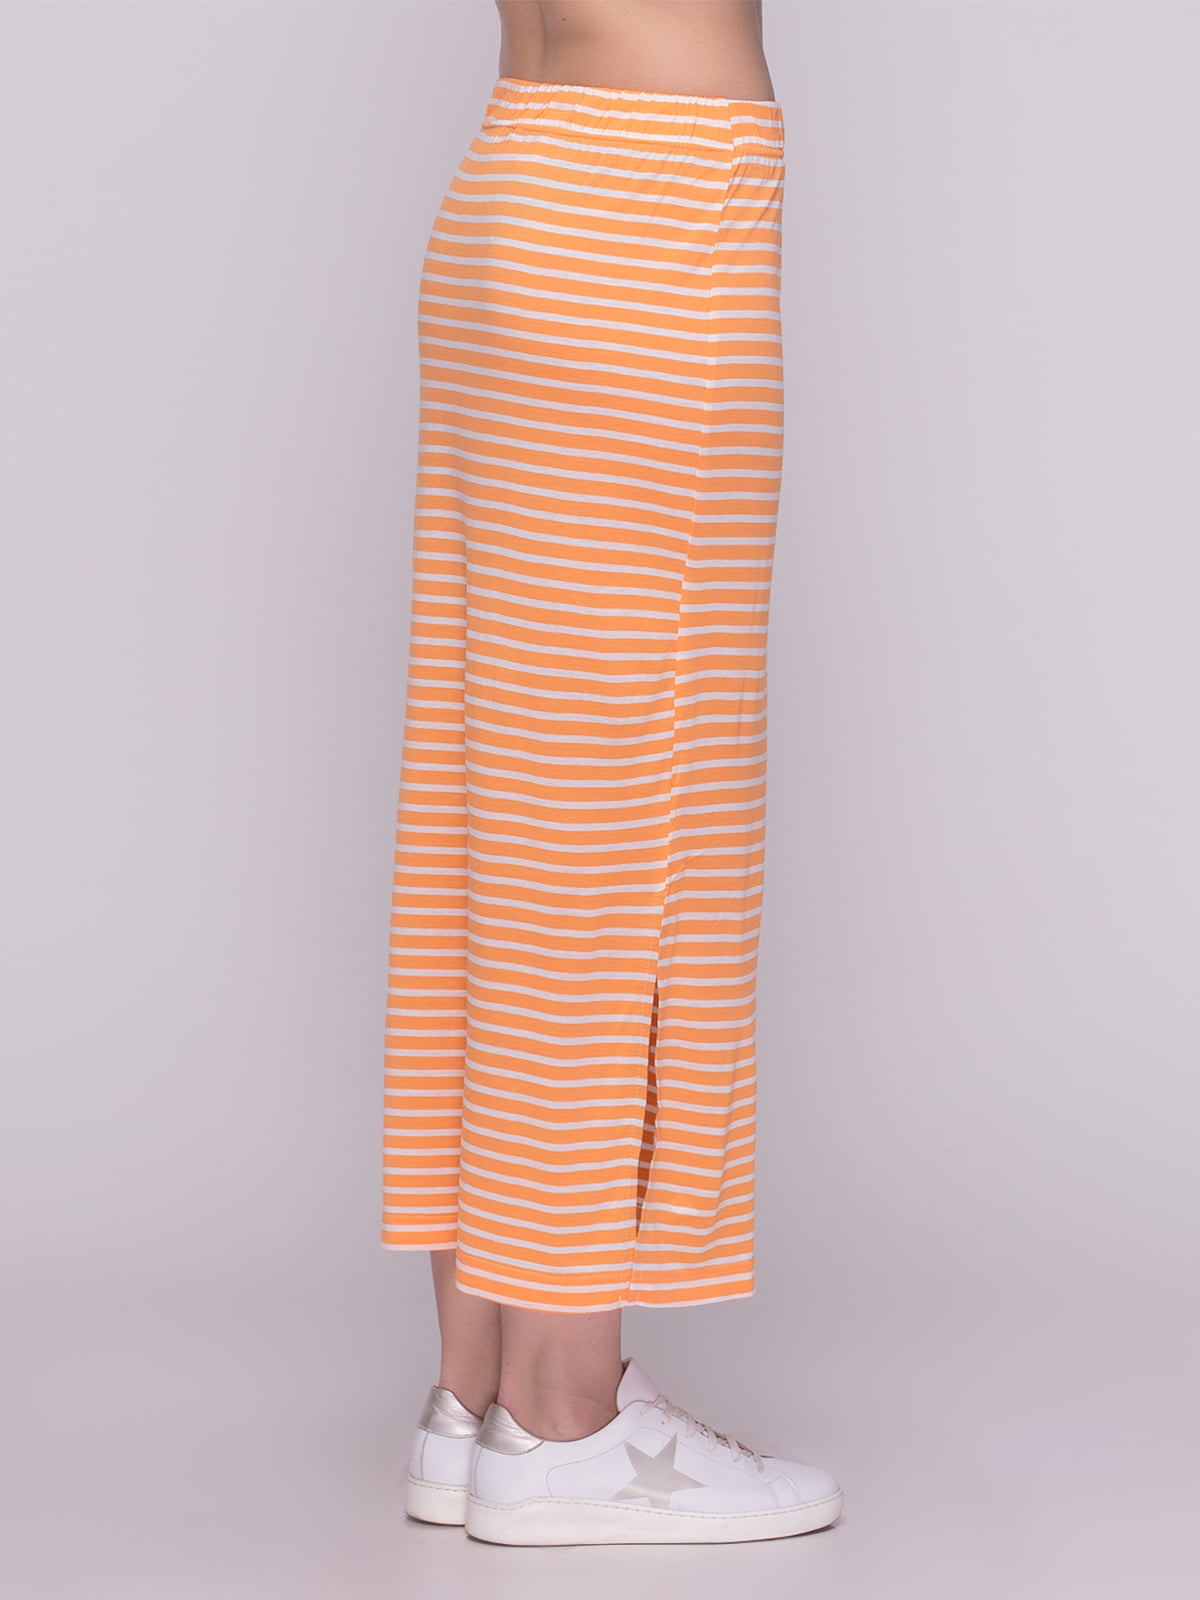 Юбка оранжевая в полоску | 4210216 | фото 3